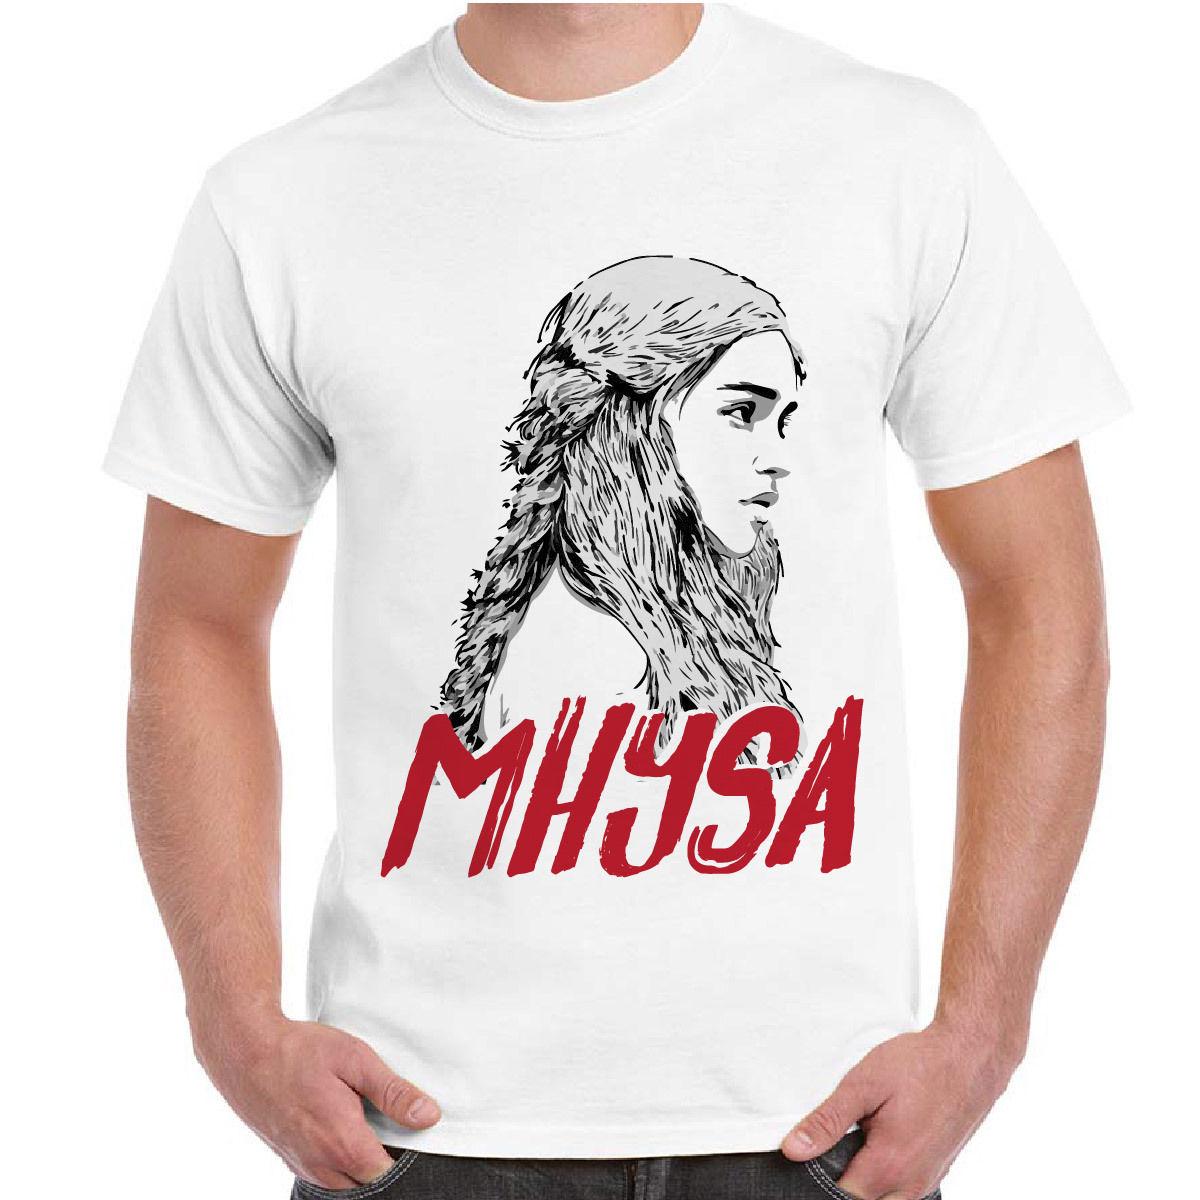 2018 Fashion Style T-Shirt Uomo Serie TV Game of Thrones Il Trono Di Spade Daenerys Mhysa Maglietta Degli Uomini T-Shirt